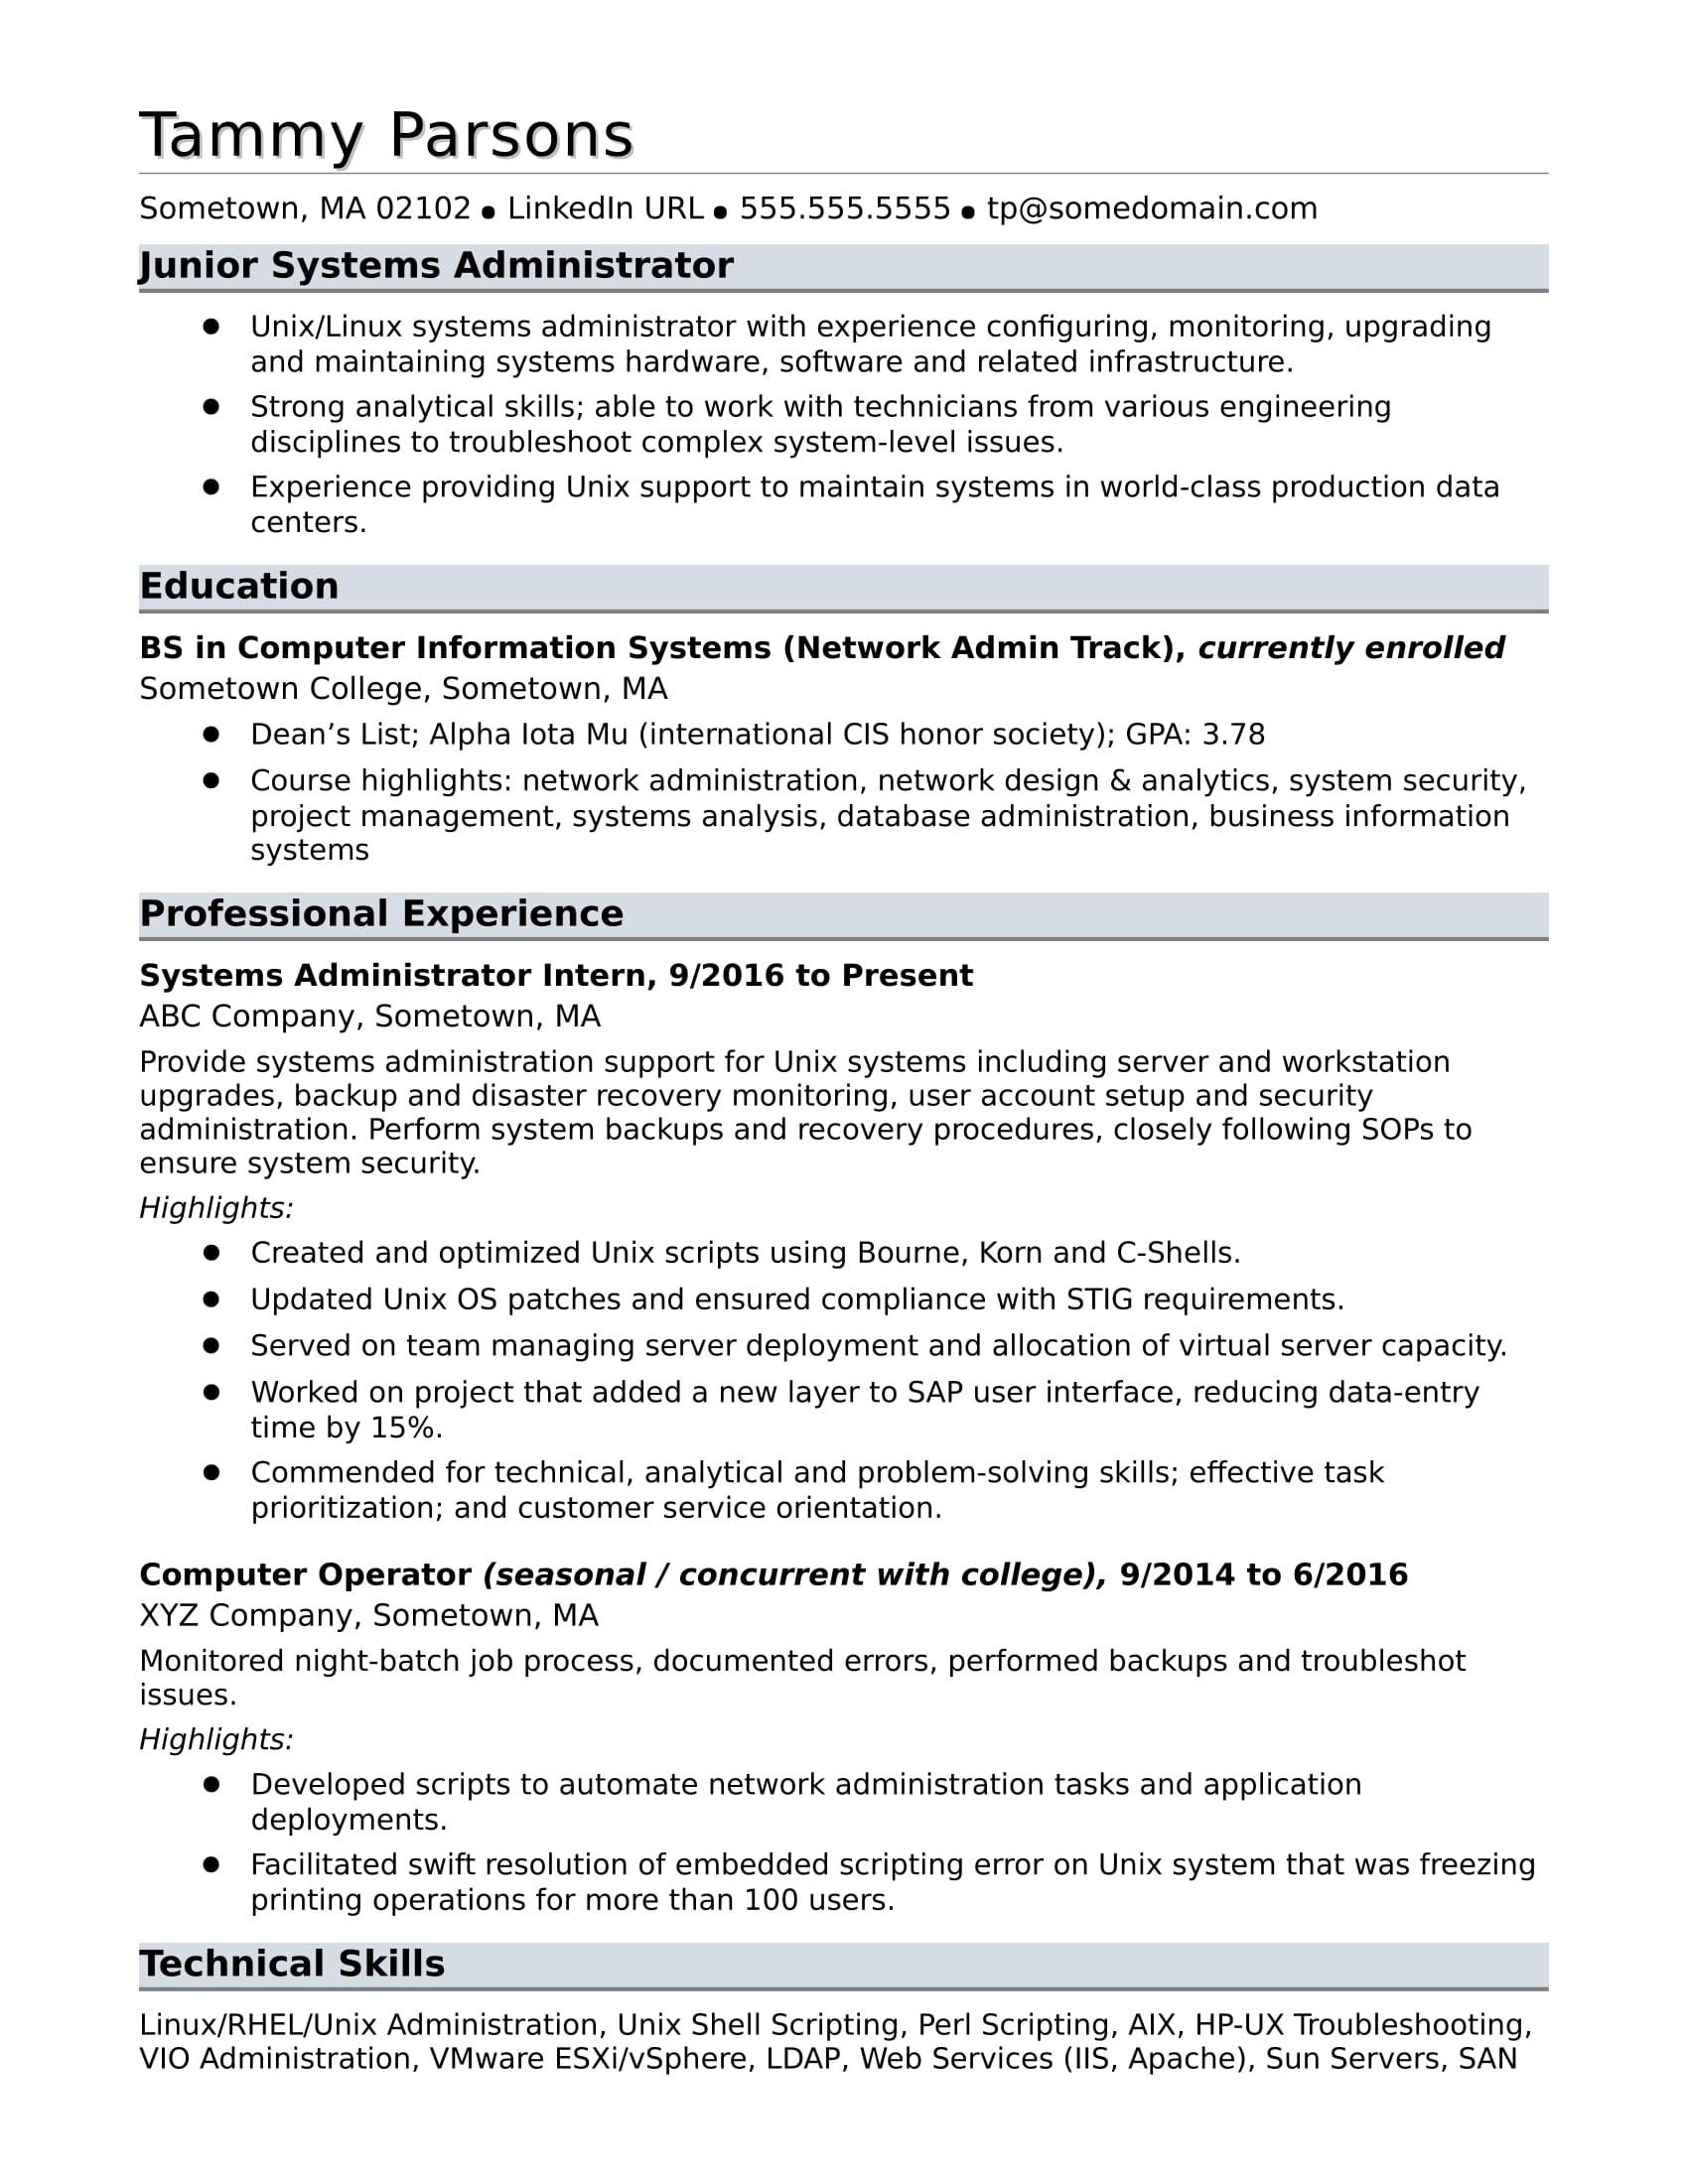 Entry Level Database Administrator Resume Sample Sample Resume for An Entry-level Systems Administrator Monster.com